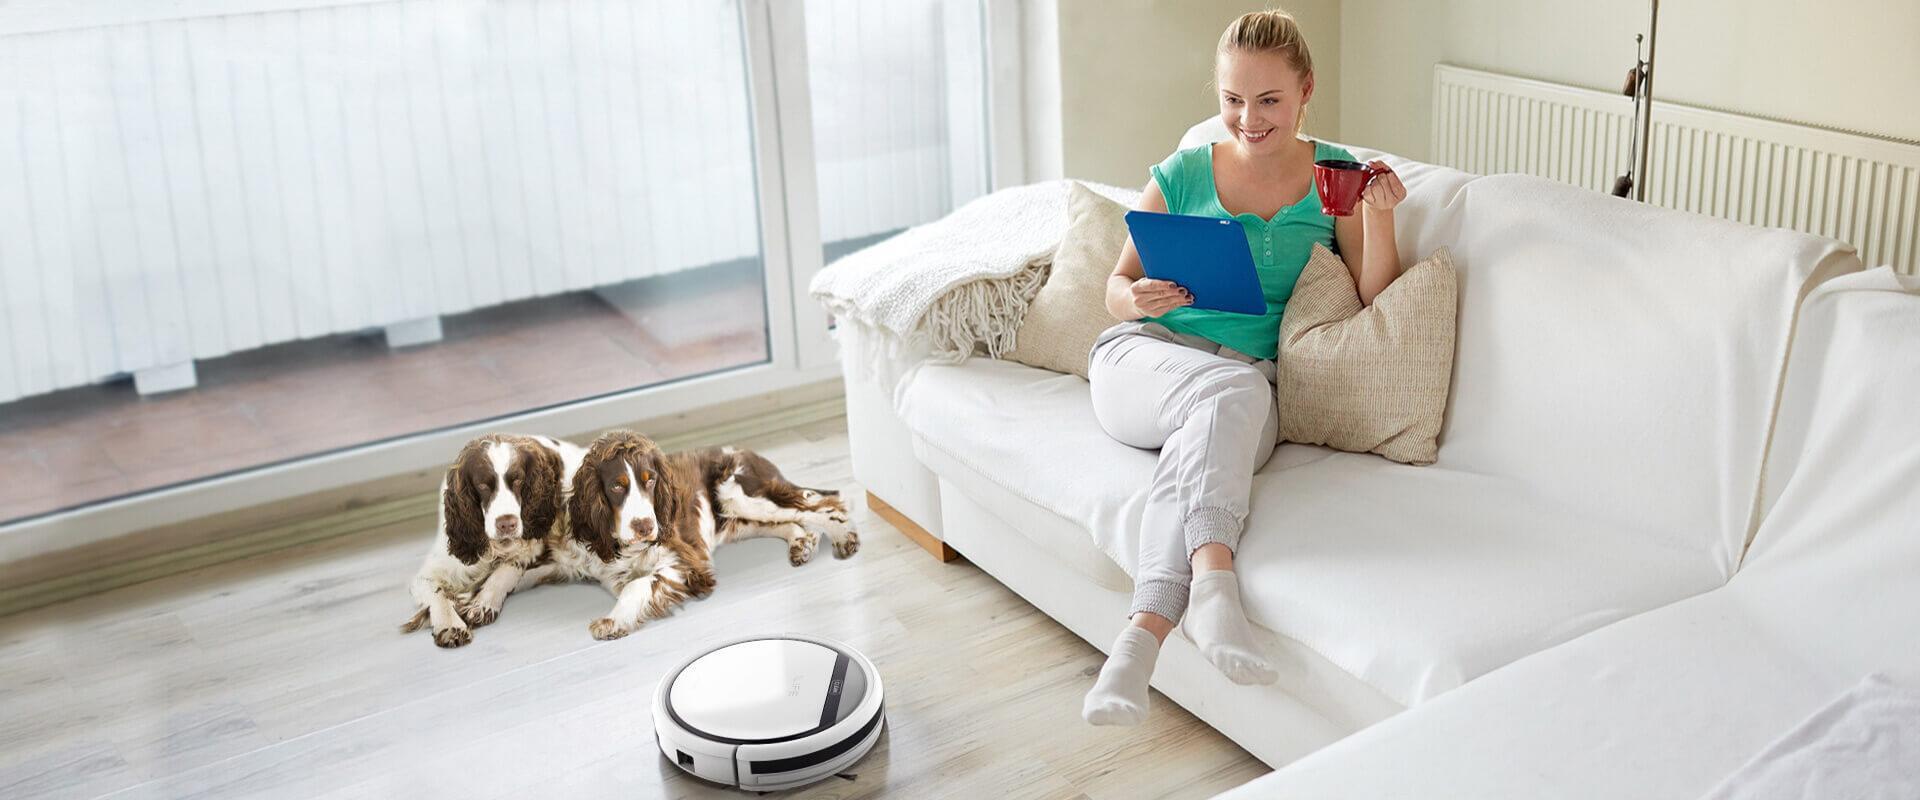 ilife robot aspirador mujer en sofa con mascotas